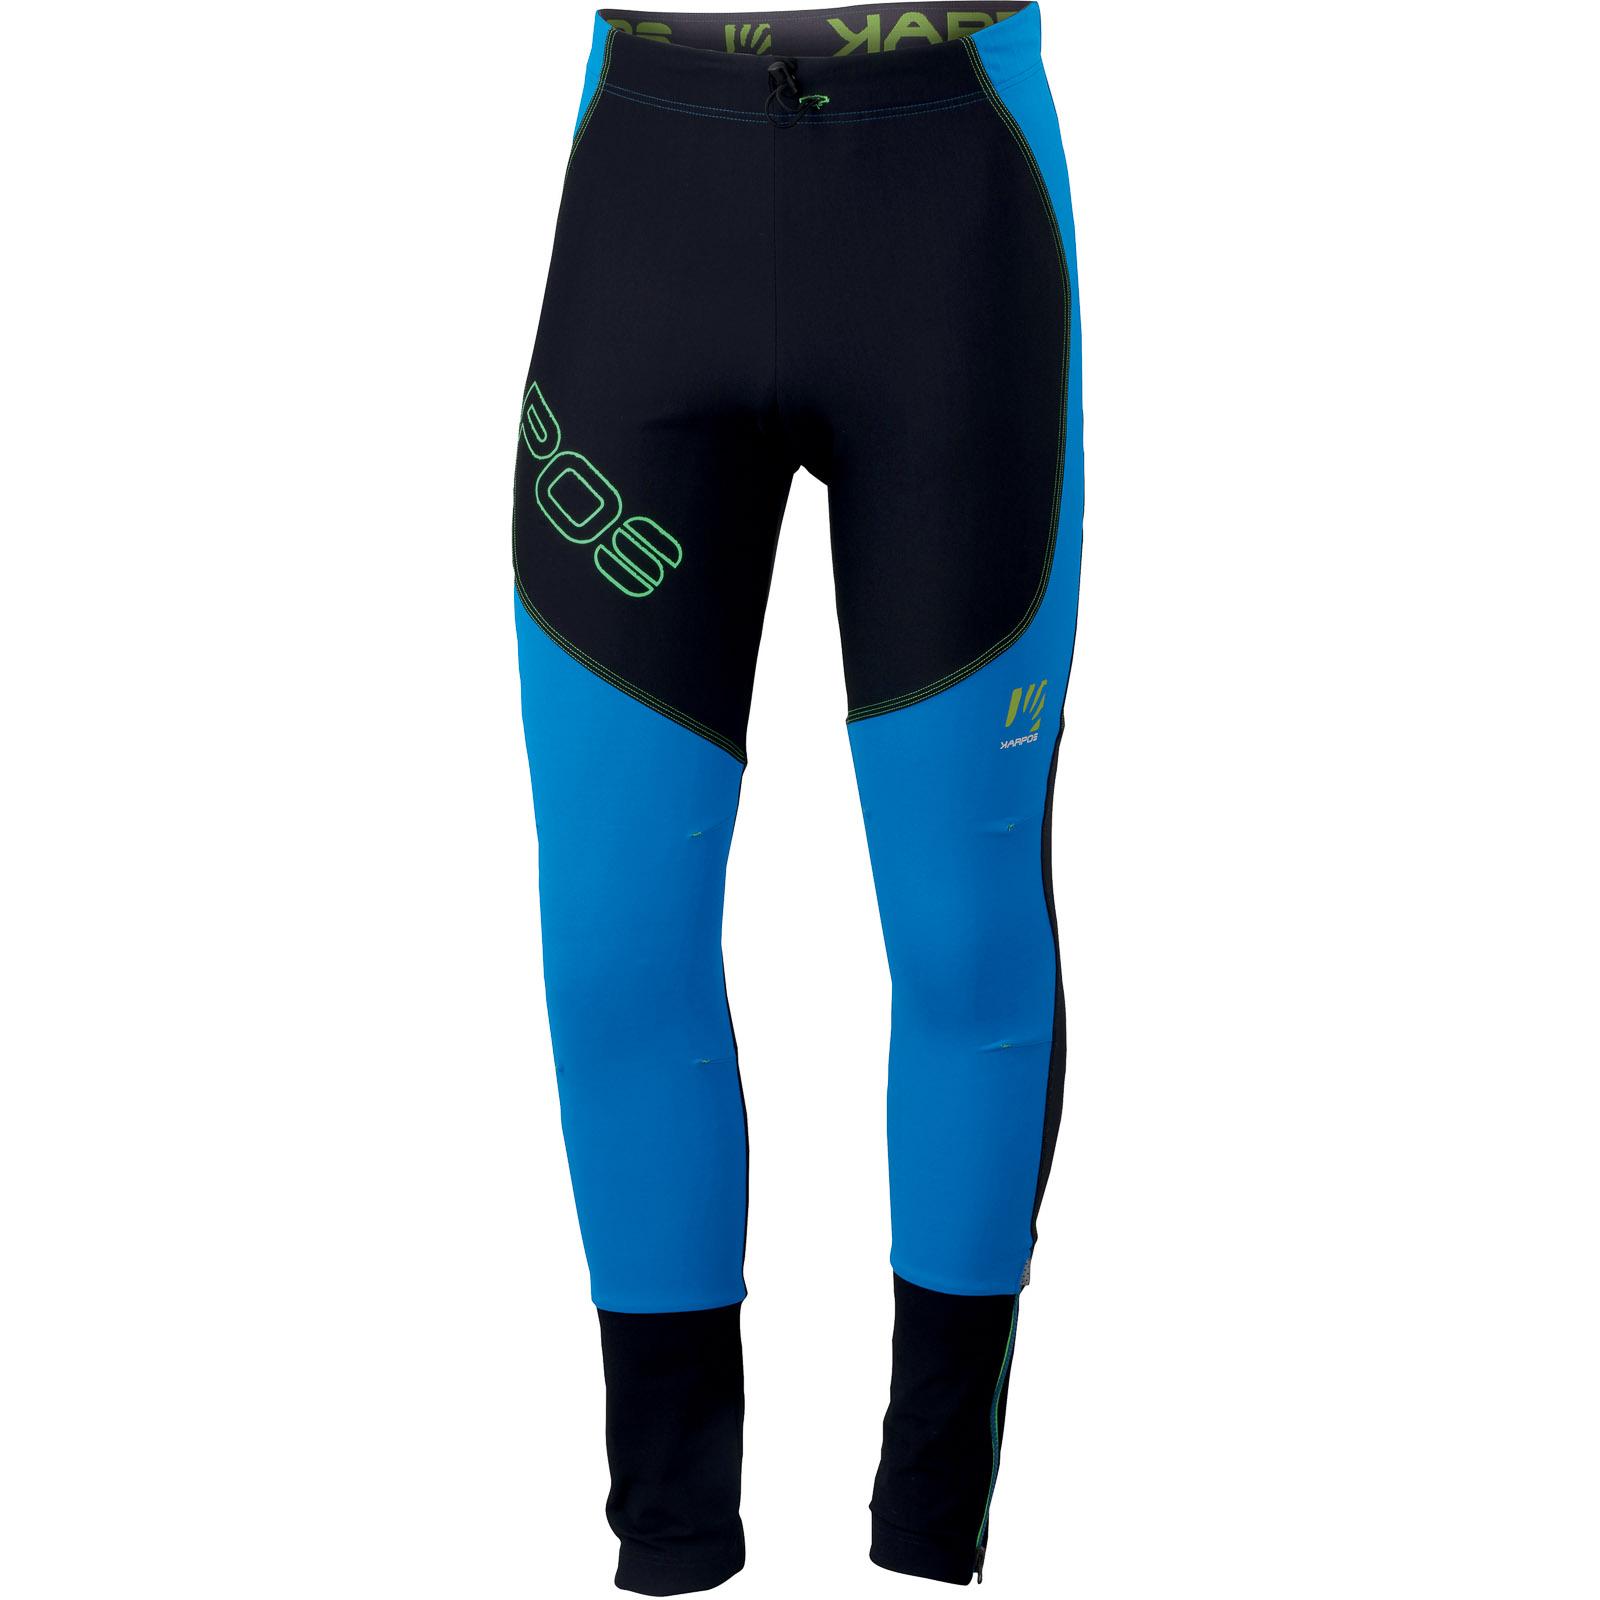 b6536111cf Pánske skialp nohavice Alagna Lite modré čierne